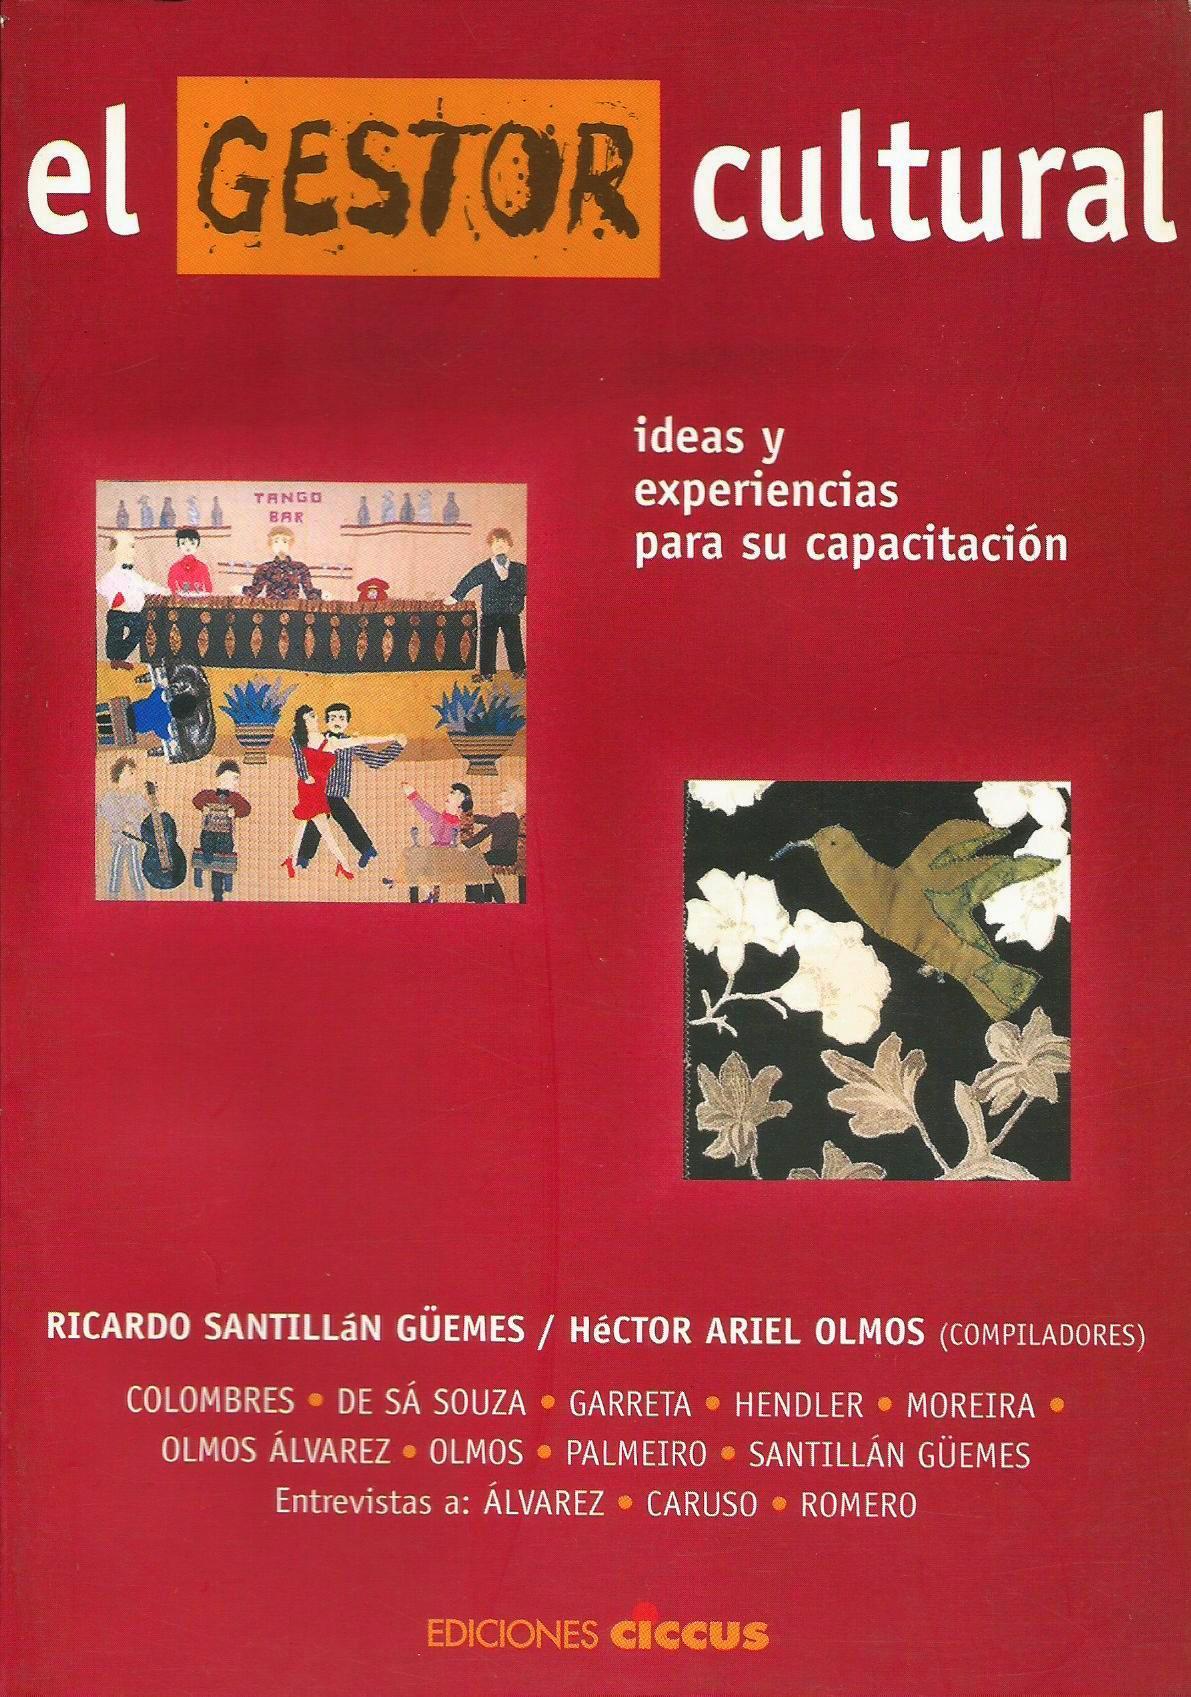 El Gestor Cultural. Ideas y experiencias para su capacitación.